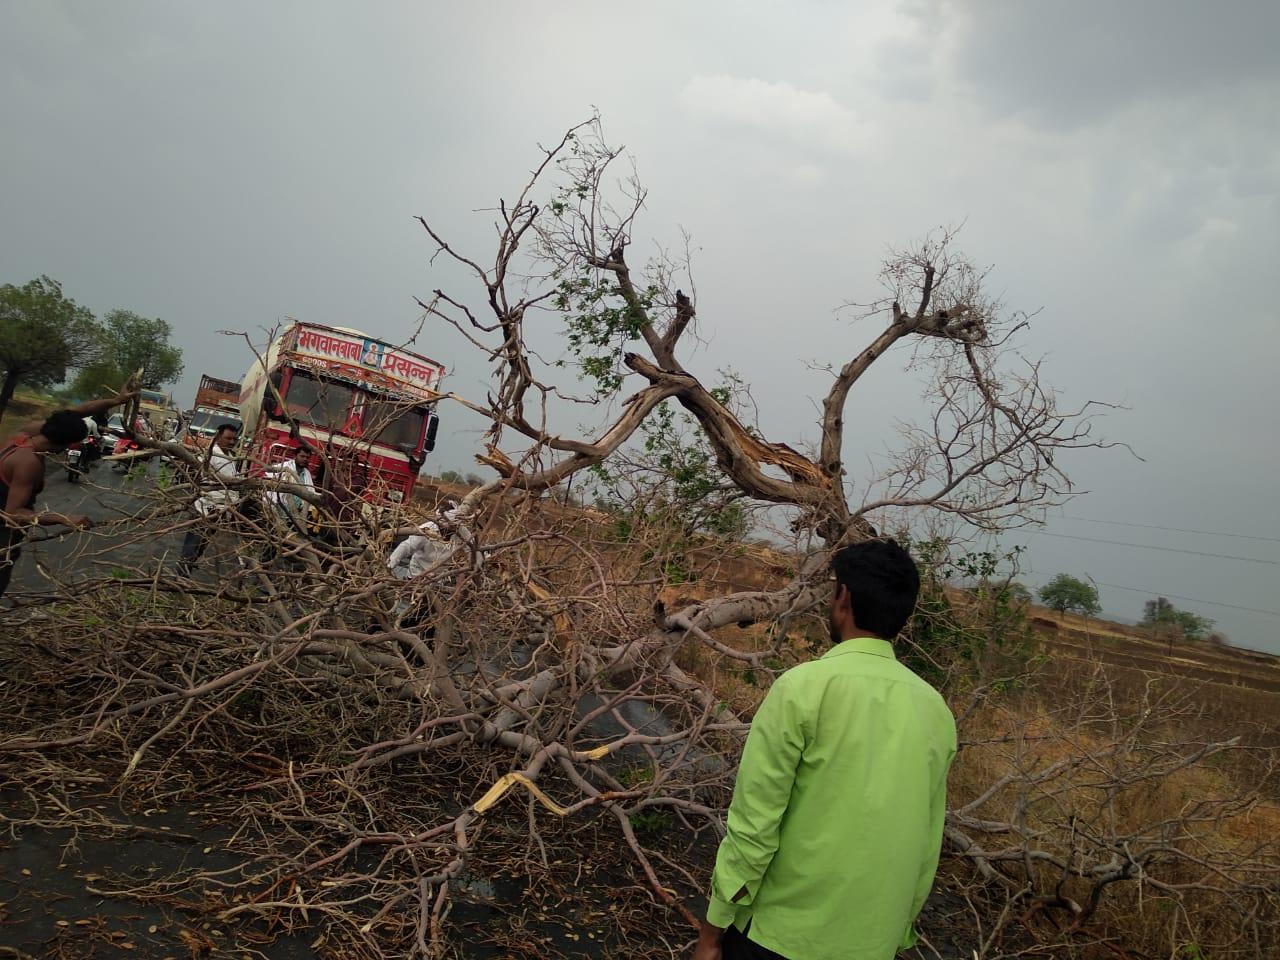 बीड, लातूरमध्ये वादळी वाऱ्यासह गारपीट, झाडं उन्मळून पडली